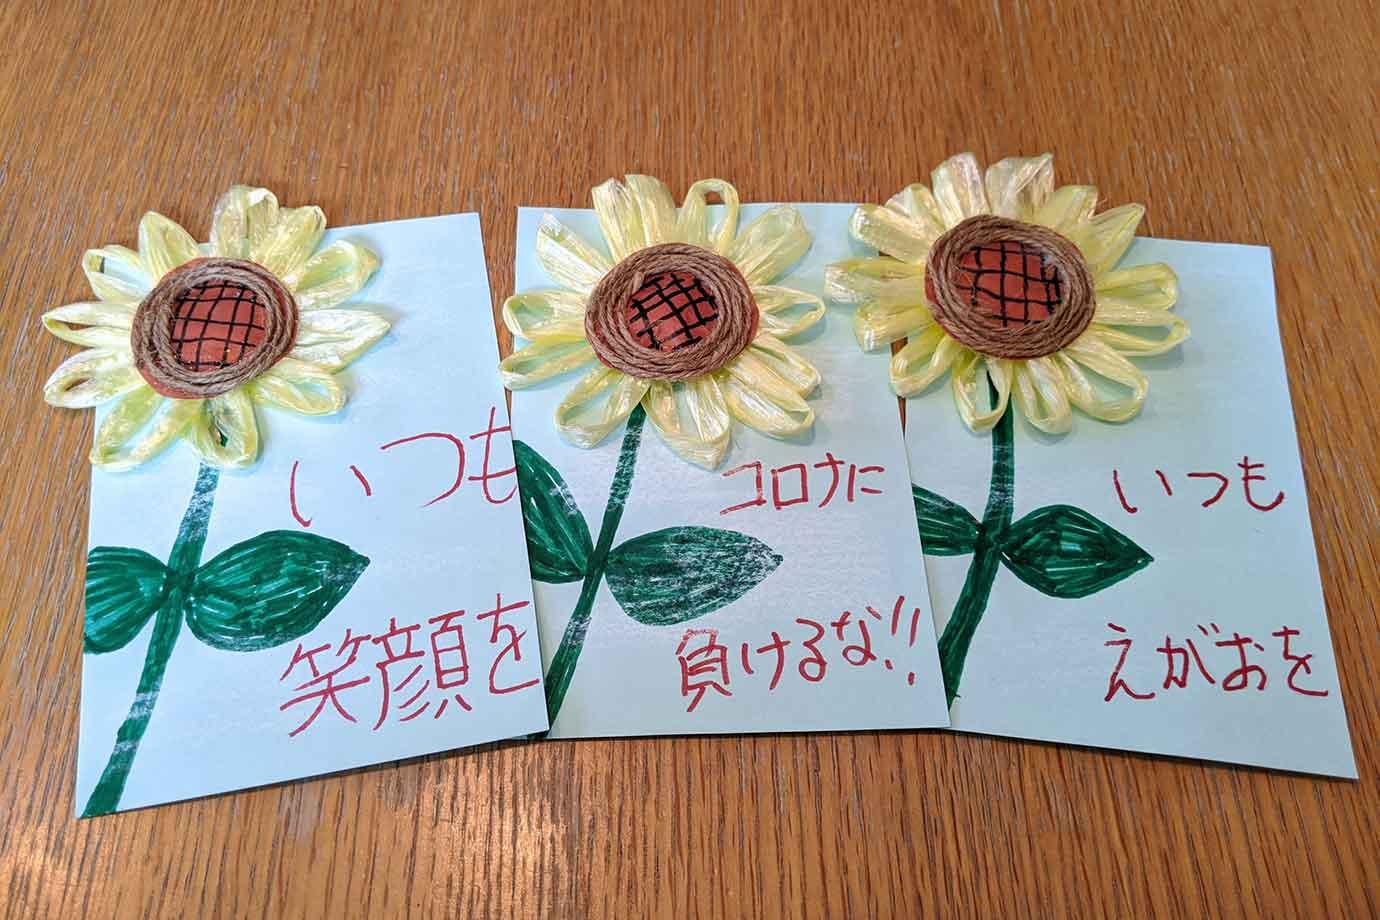 5歳のお子さんの作品。「いつもえがおを」のメッセージが、胸にしみます。